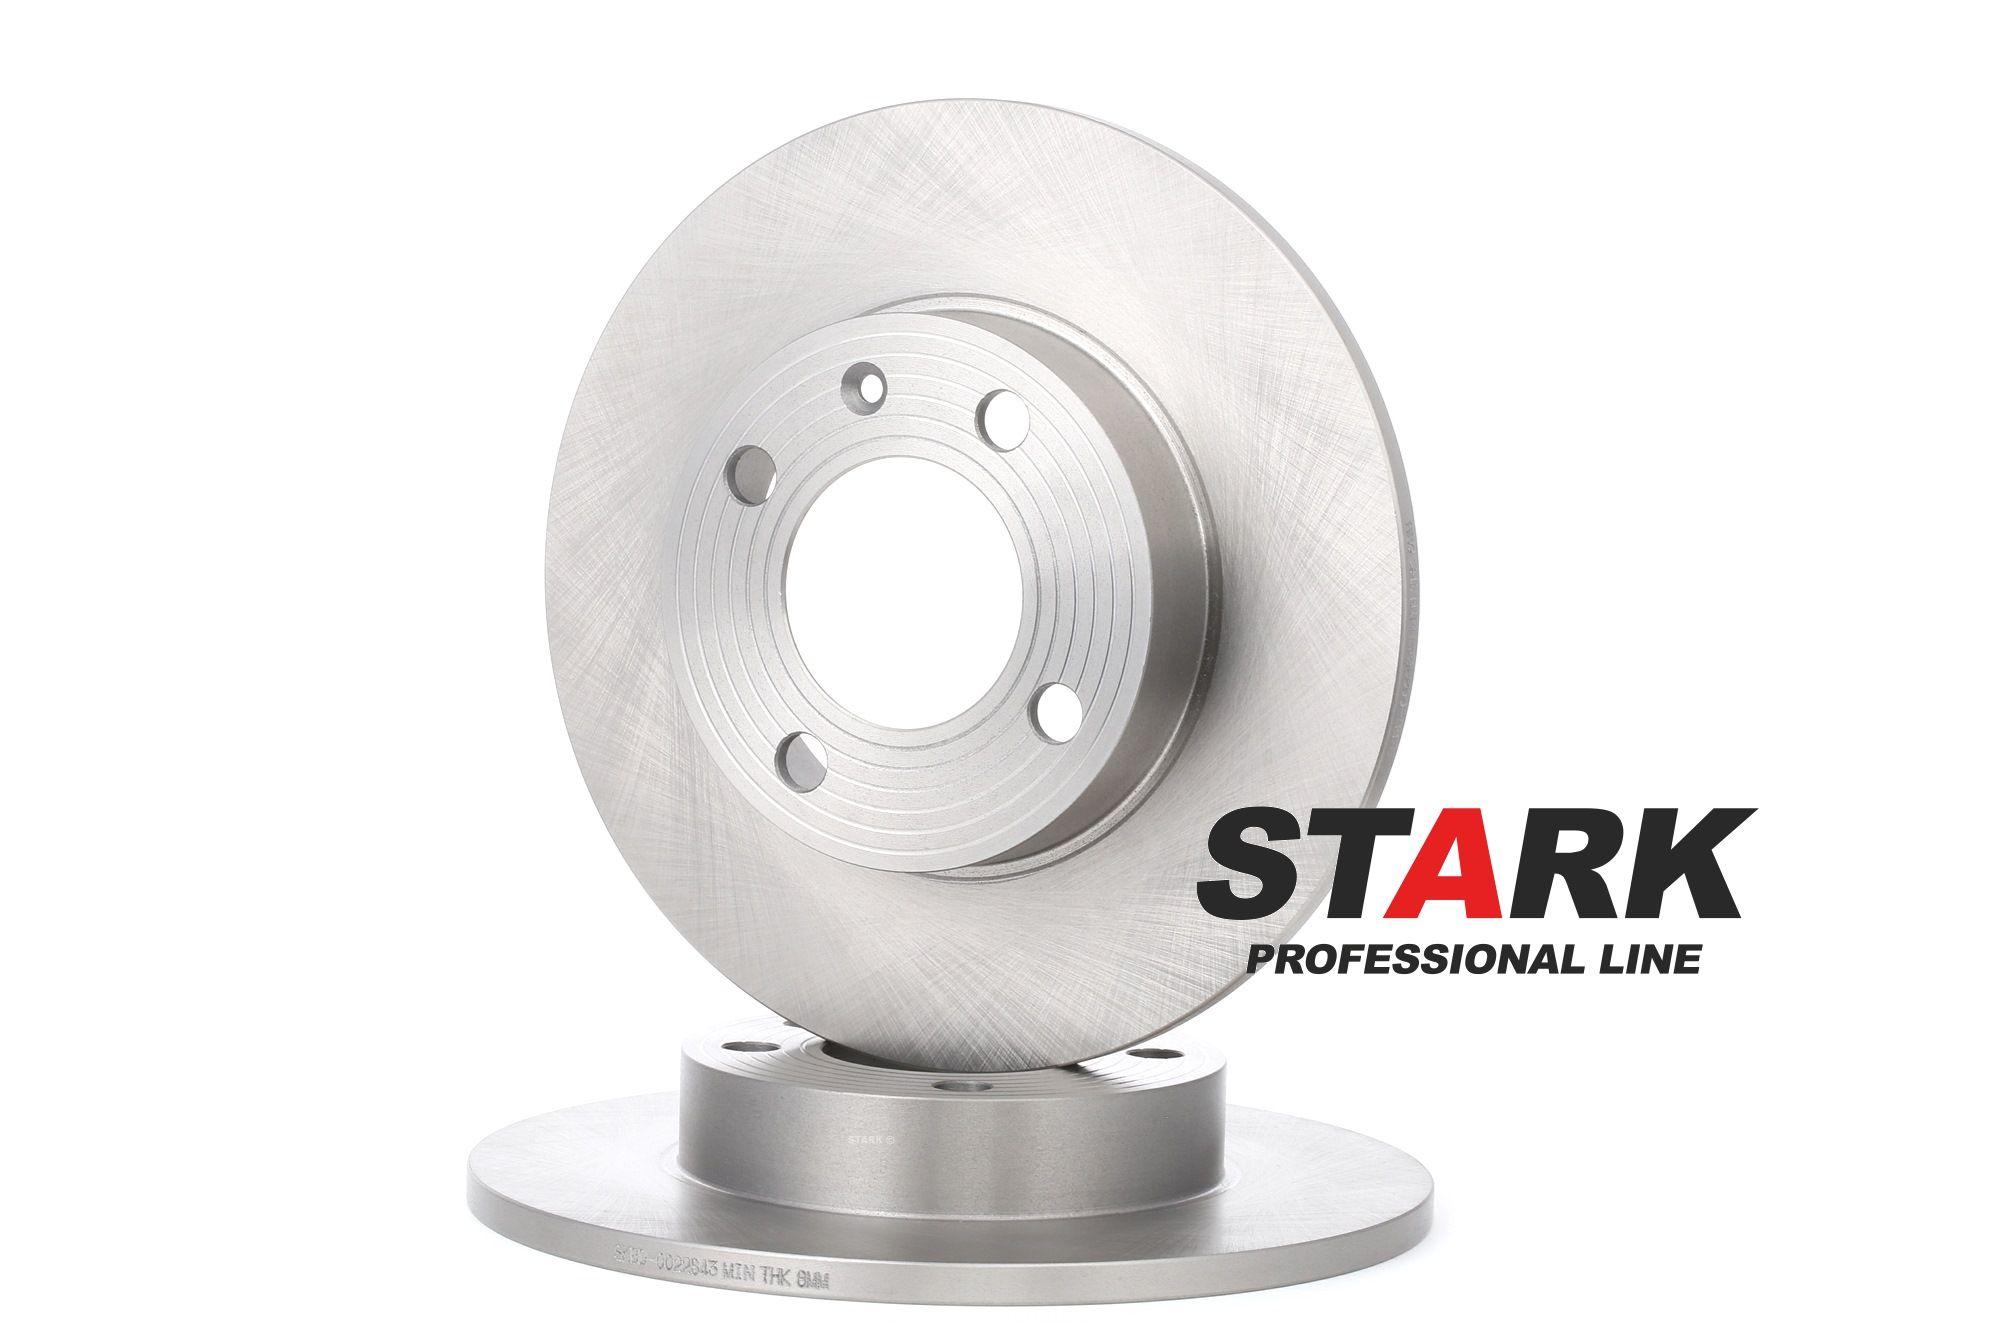 STARK SKBD-0022843 (Ø: 239,0mm, Épaisseur du disque de frein: 10mm) : Disque de frein VW Polo 86c 1991